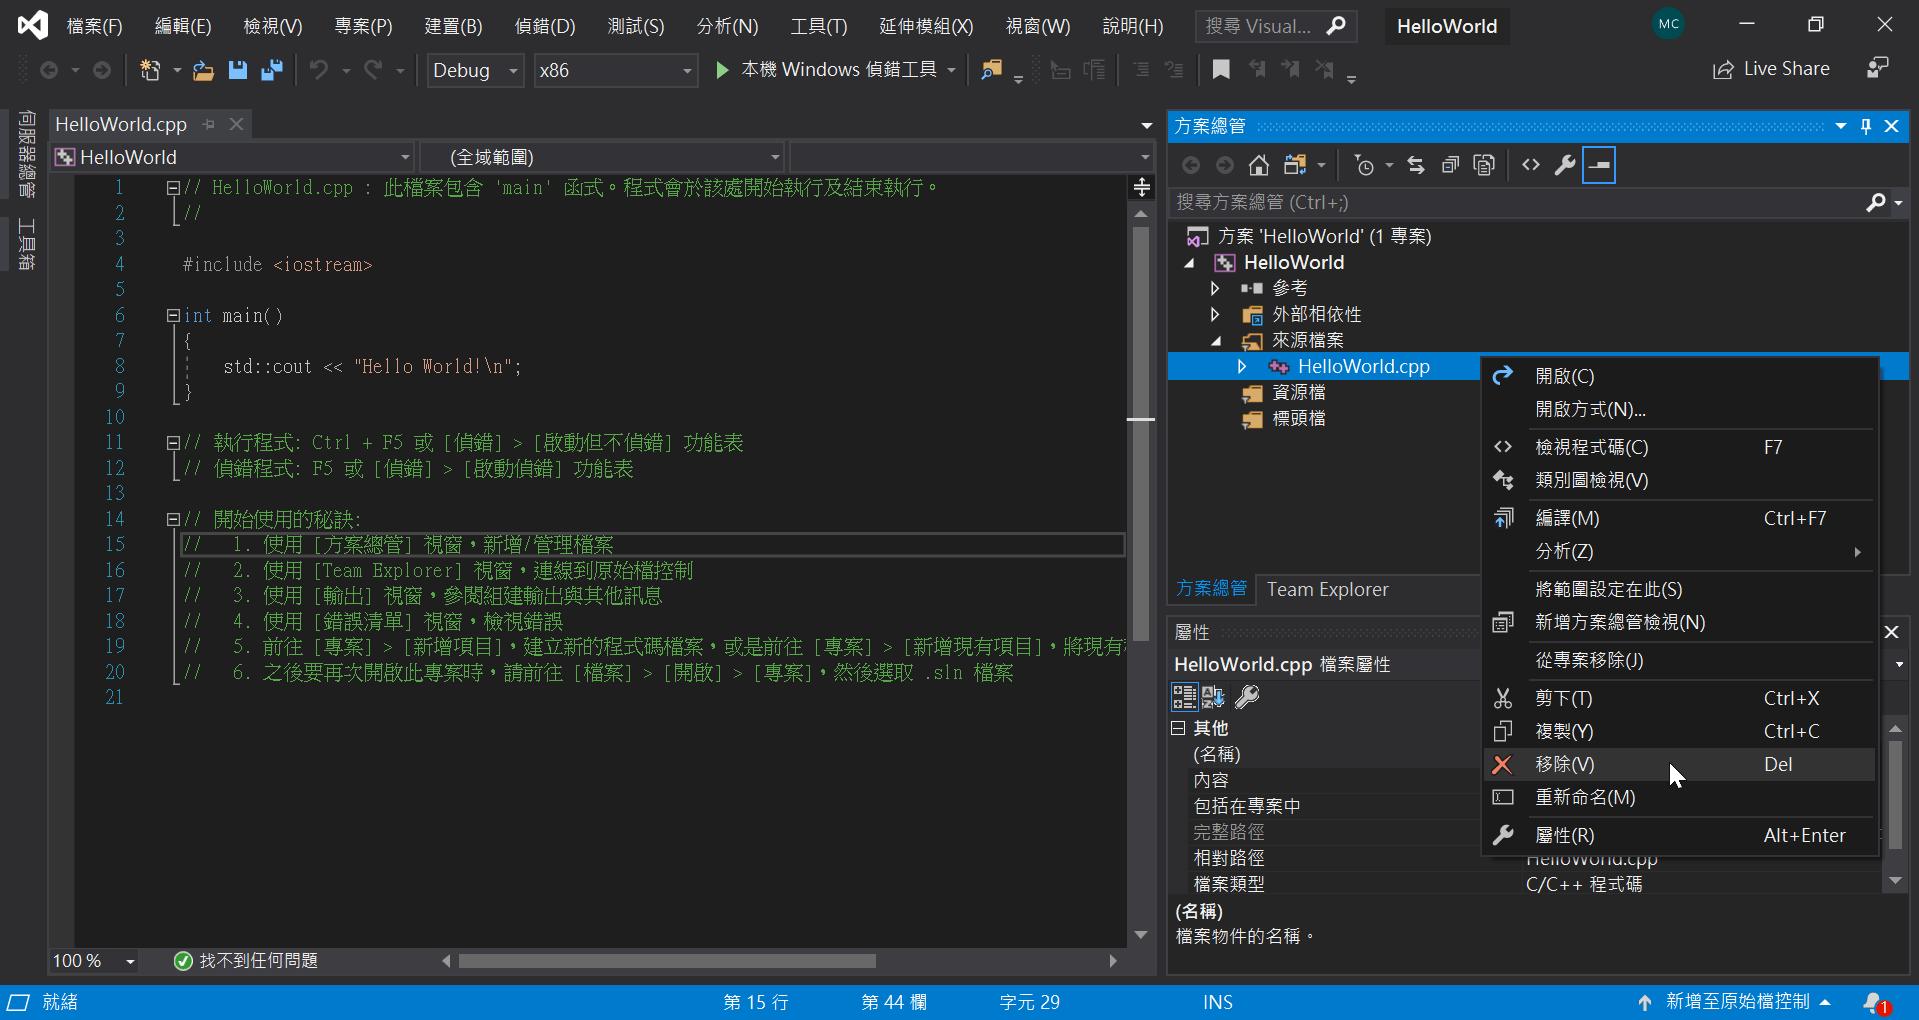 [Windows] 程式設計教學:在 Visual Studio 2019 中建立和執行 C 專案 | Michael Chen 的技術文件